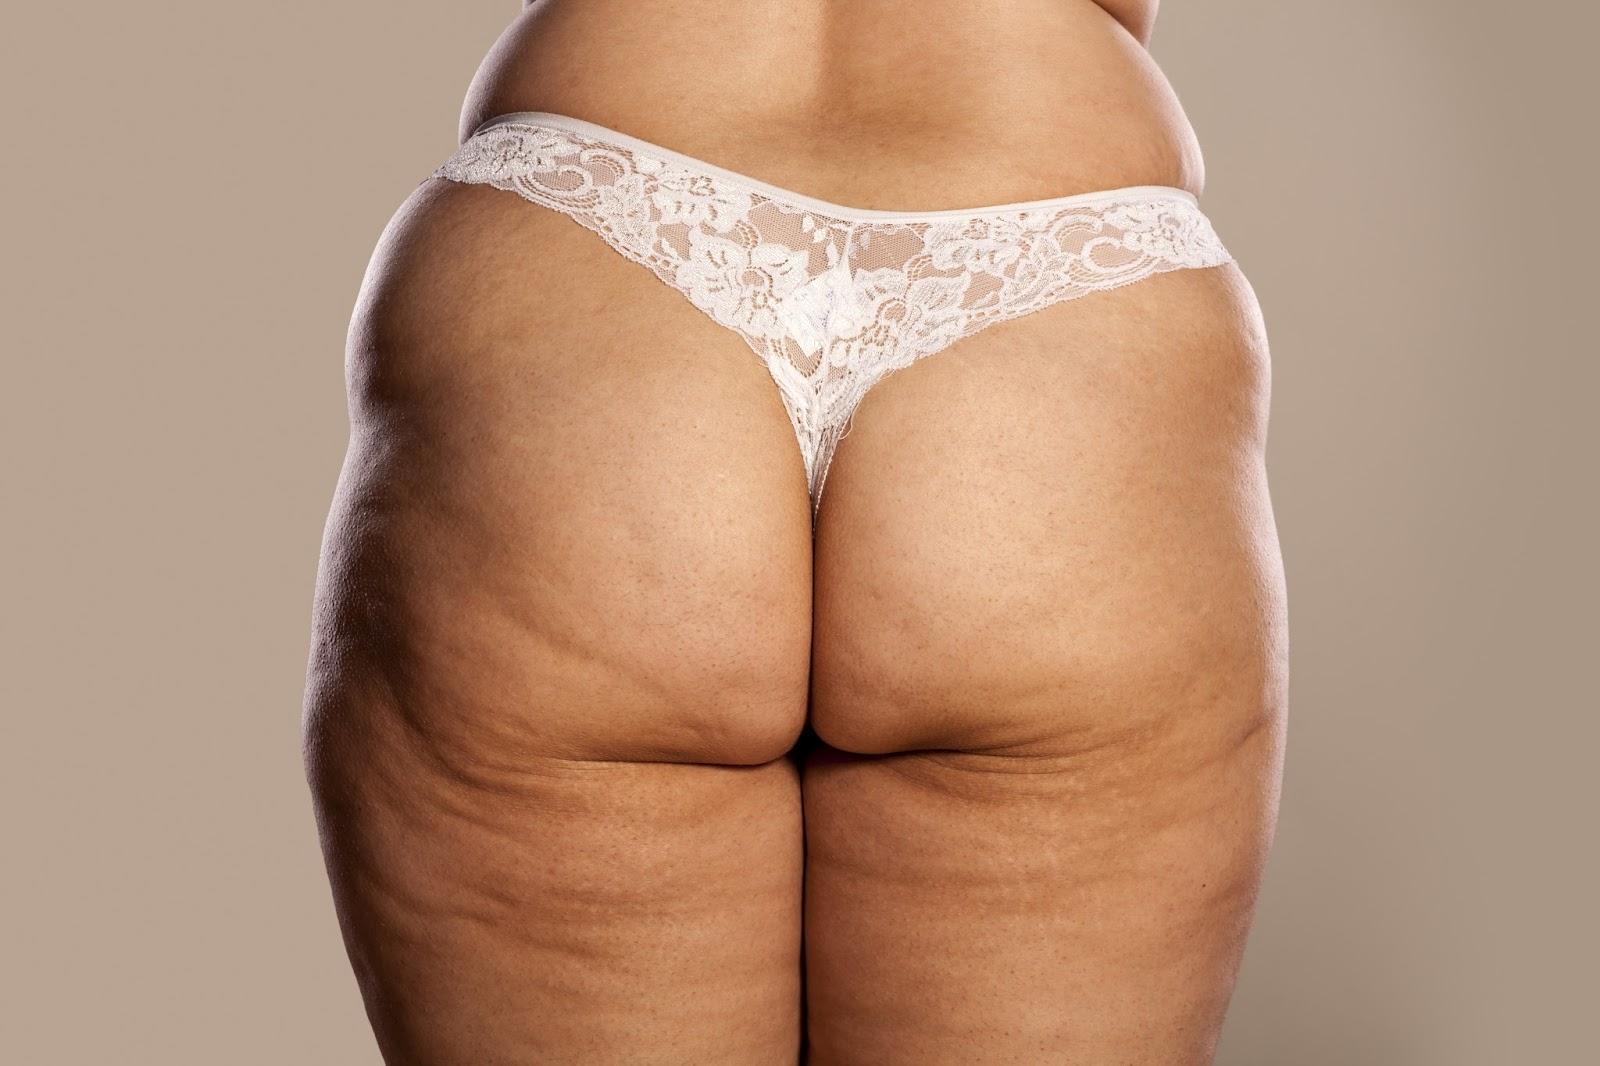 Фото женских толстых писек, Пухлые половые губы (32 фото) Голые письки 2 фотография